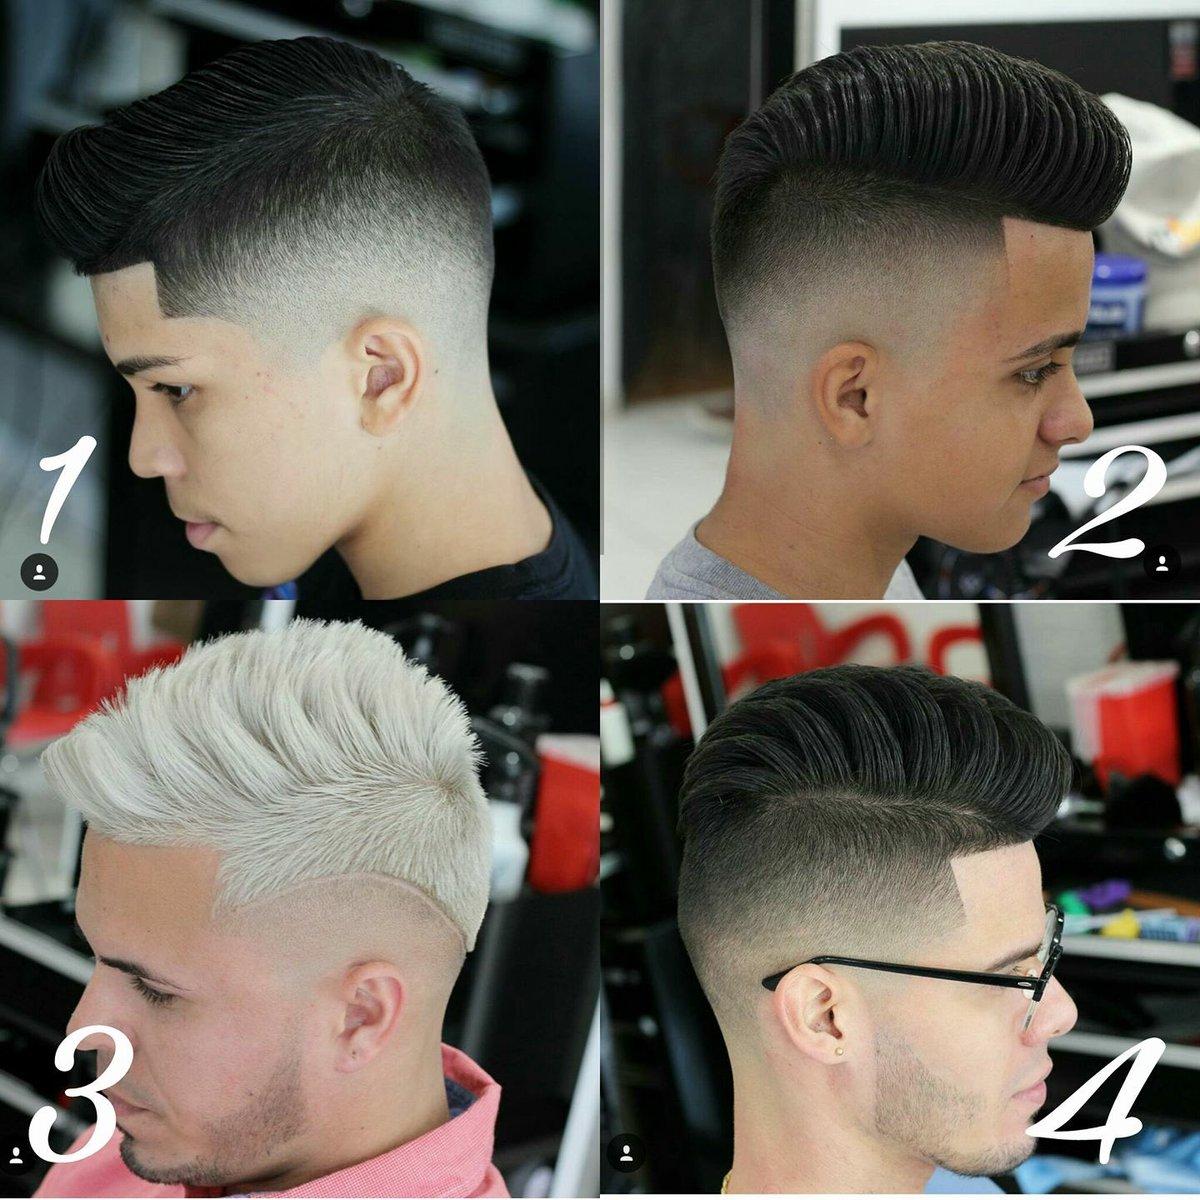 House barber shop